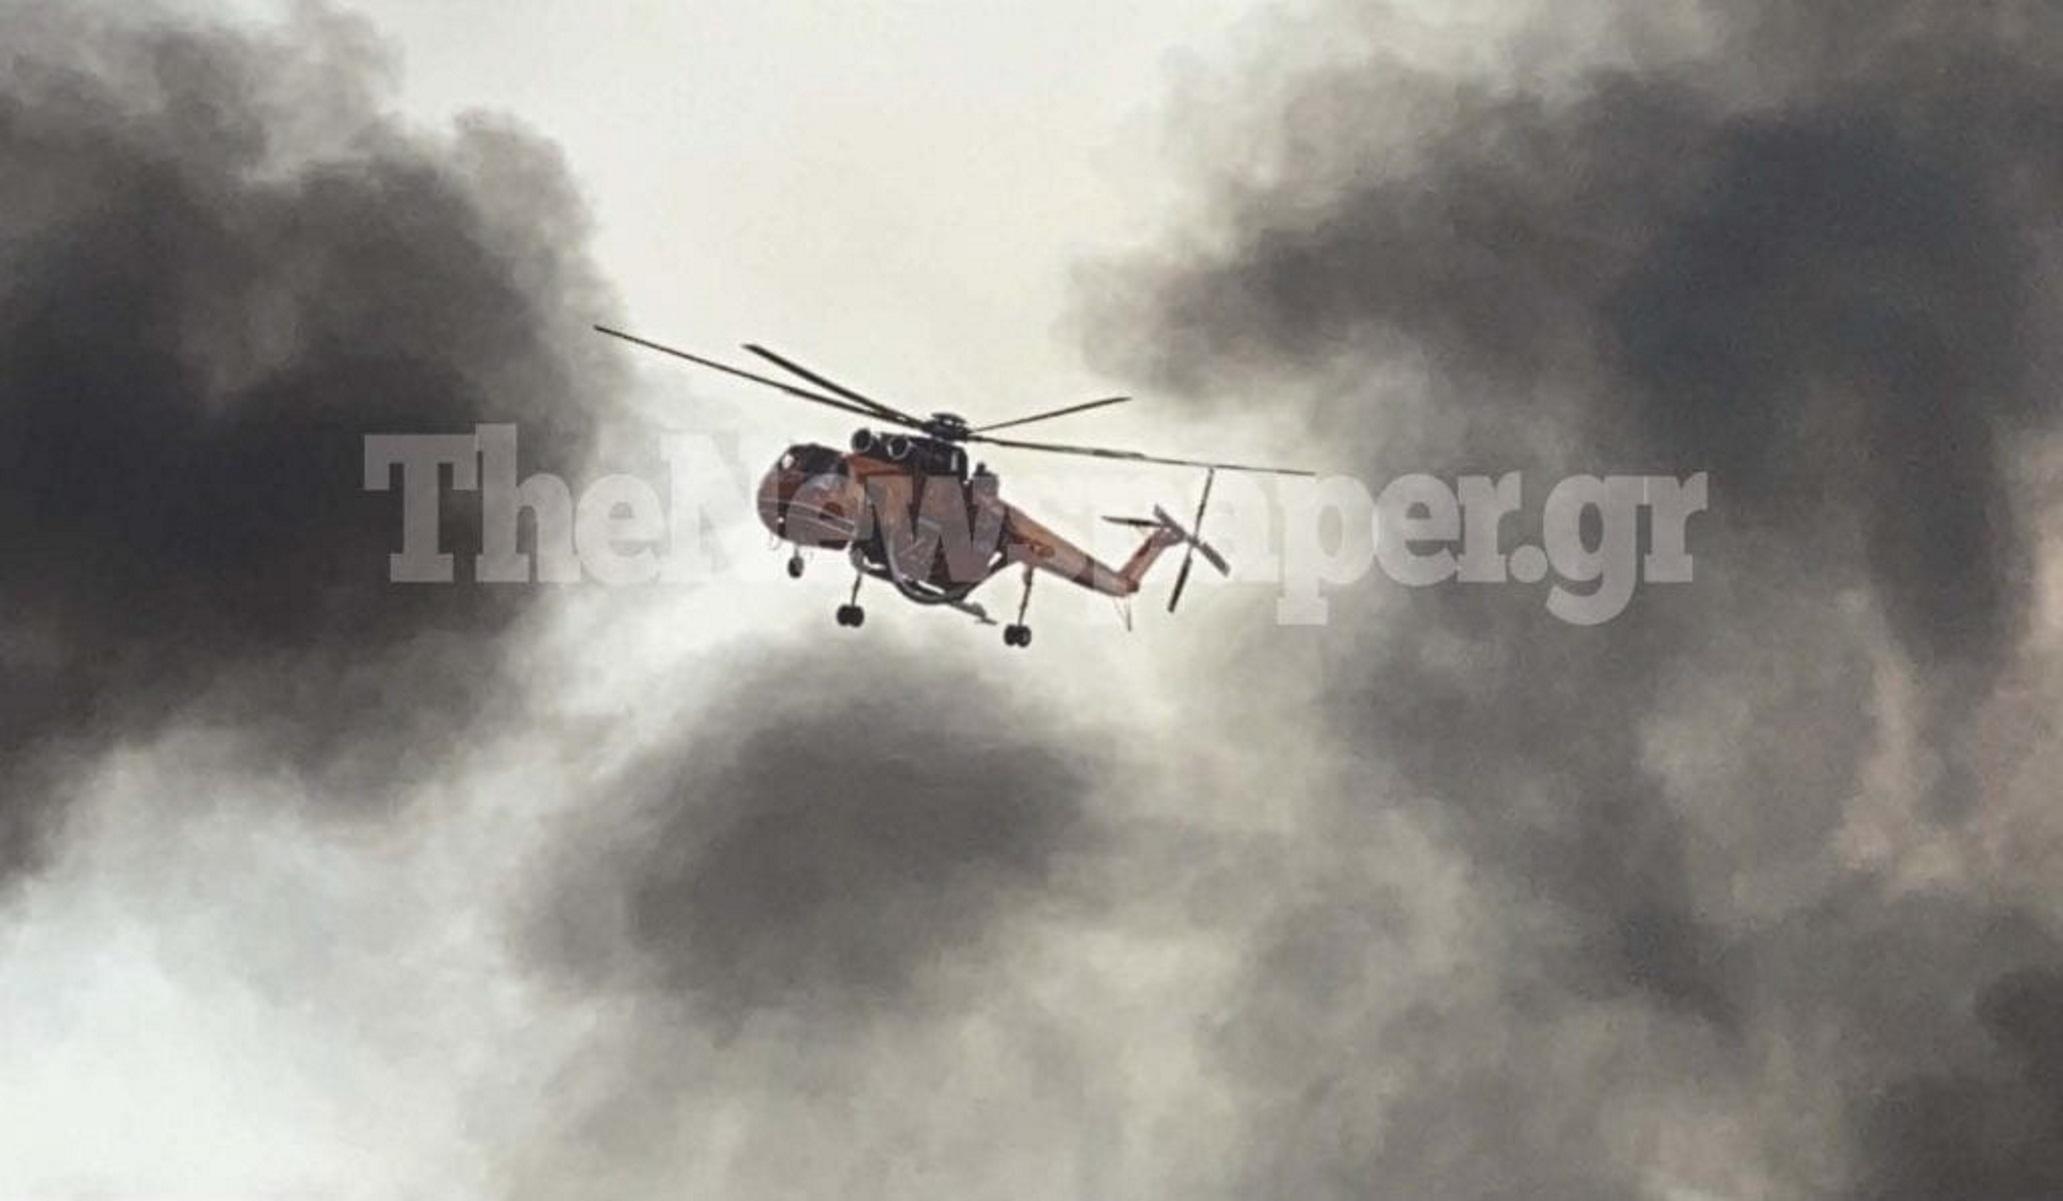 Φωτιά στον Βόλο: Βίντεο από τη δύσκολη μάχη με τις φλόγες